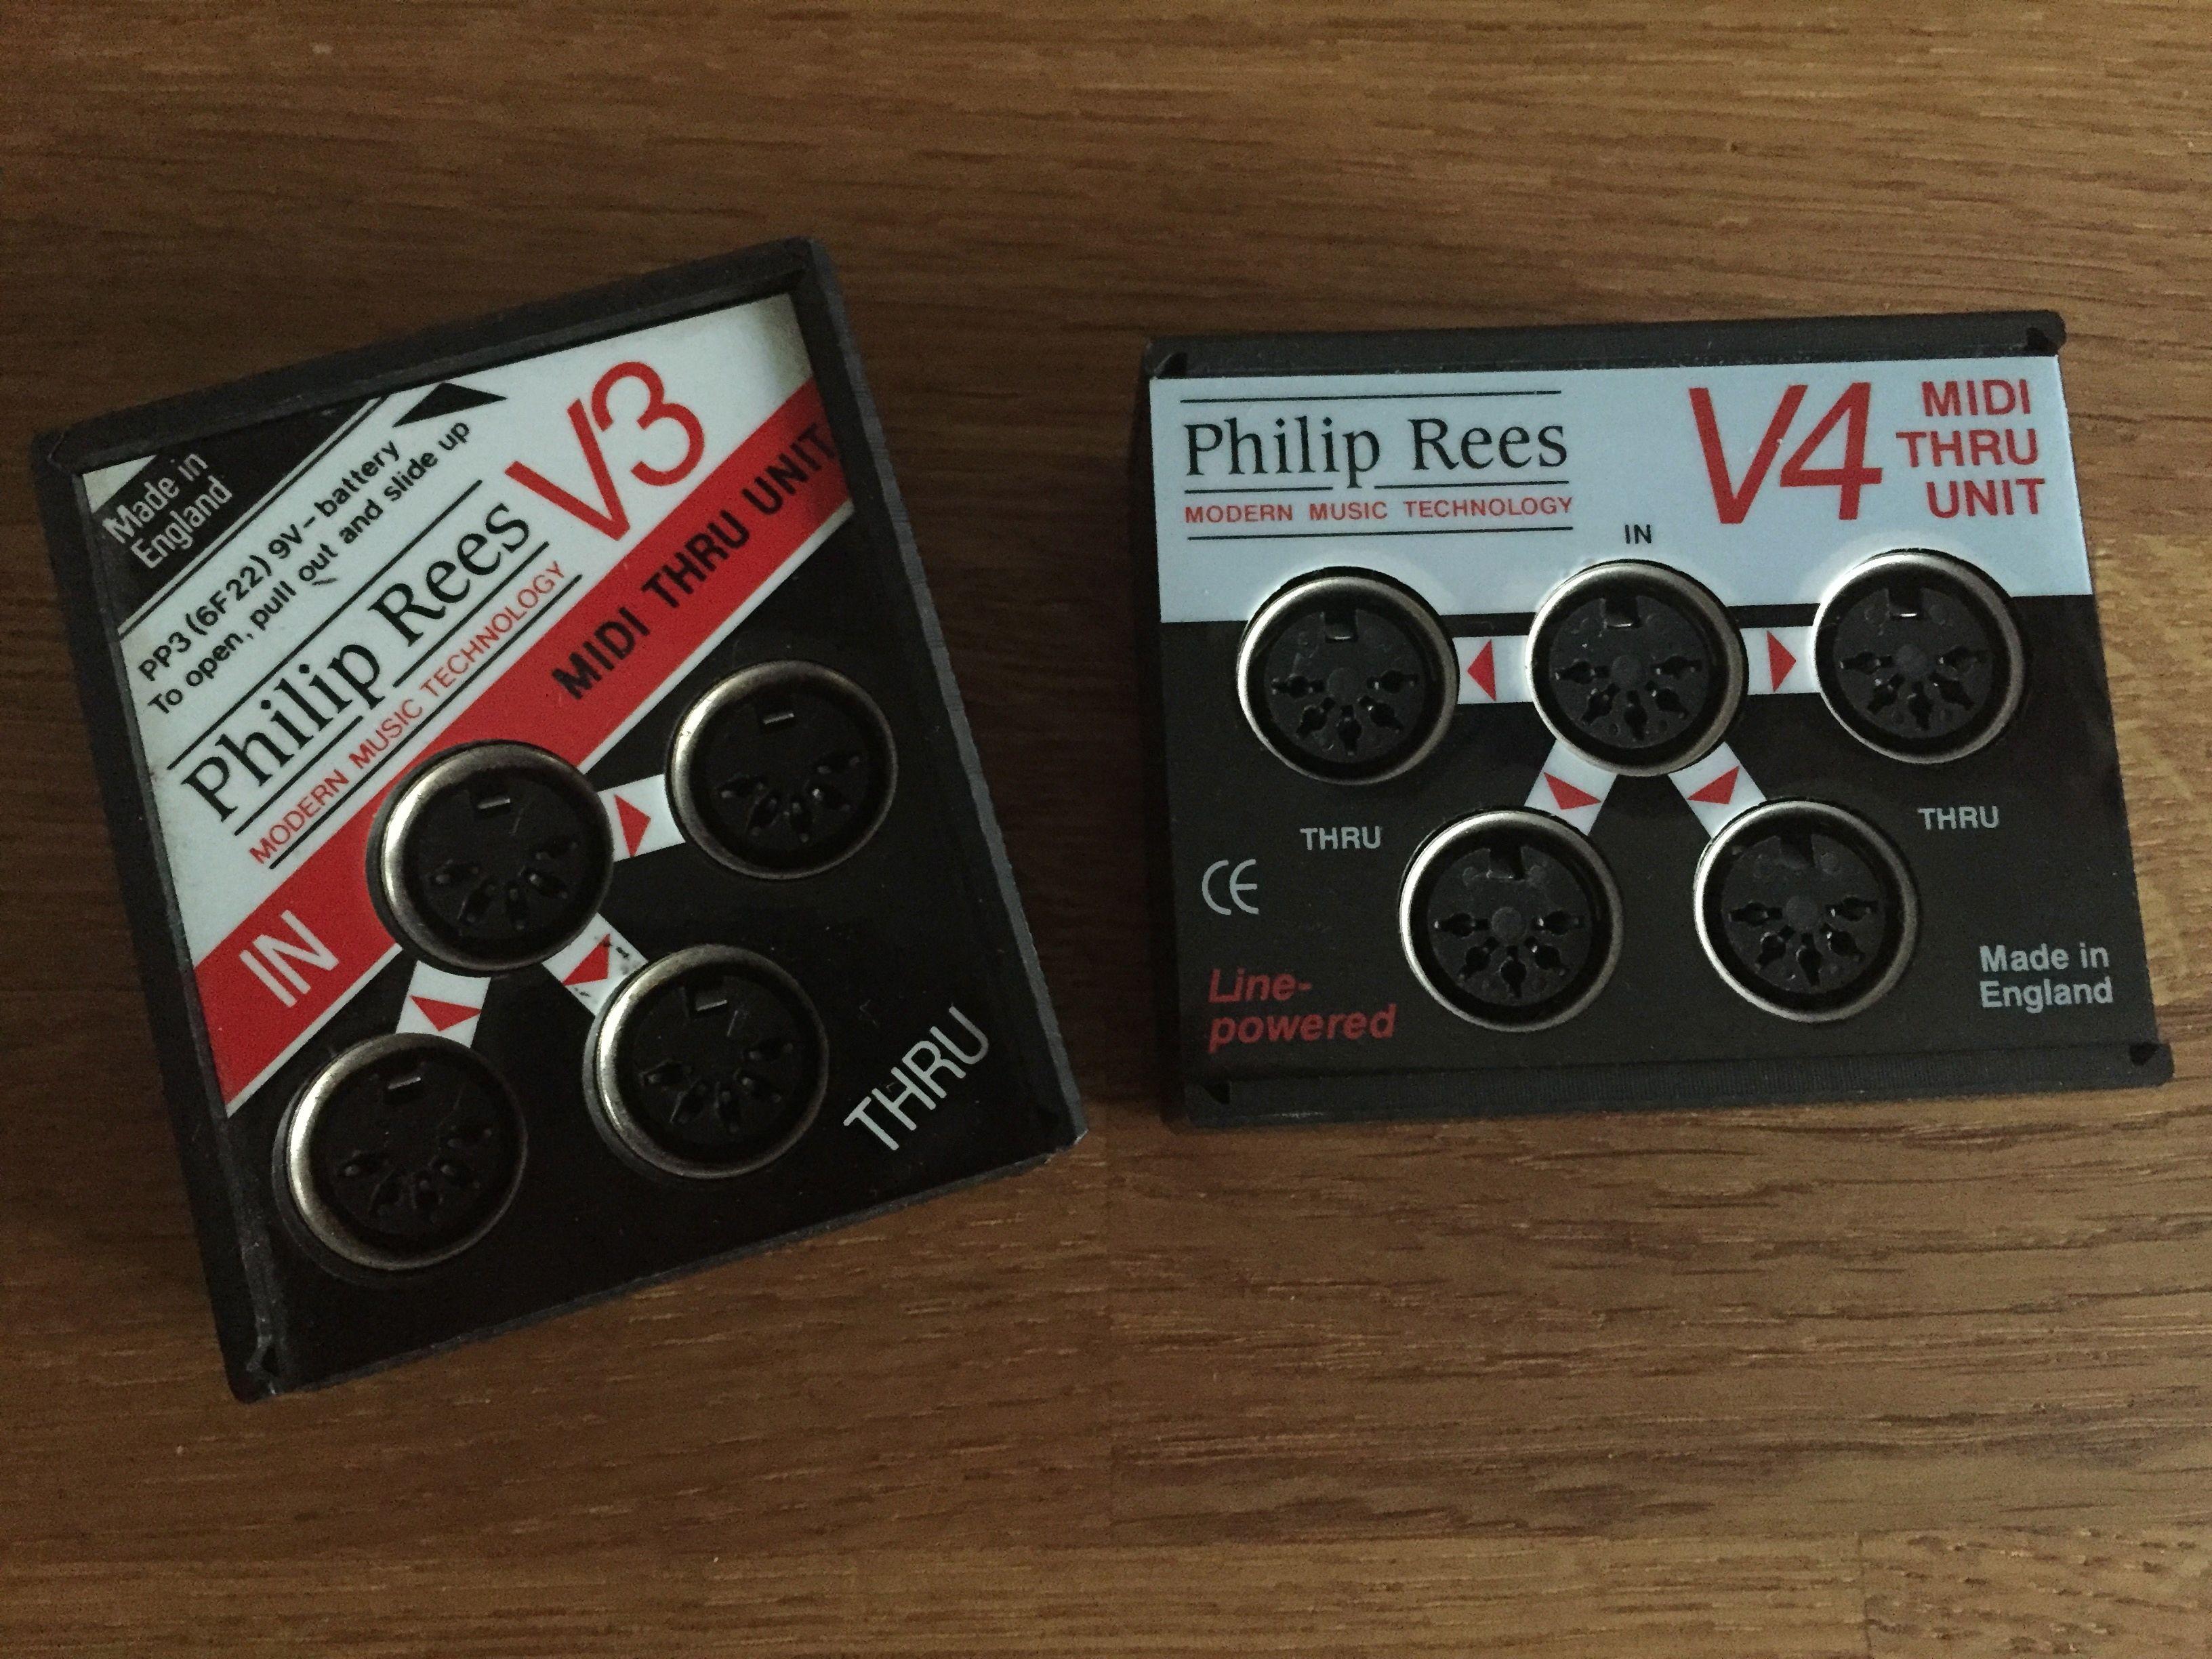 Philip Rees V3 and V4